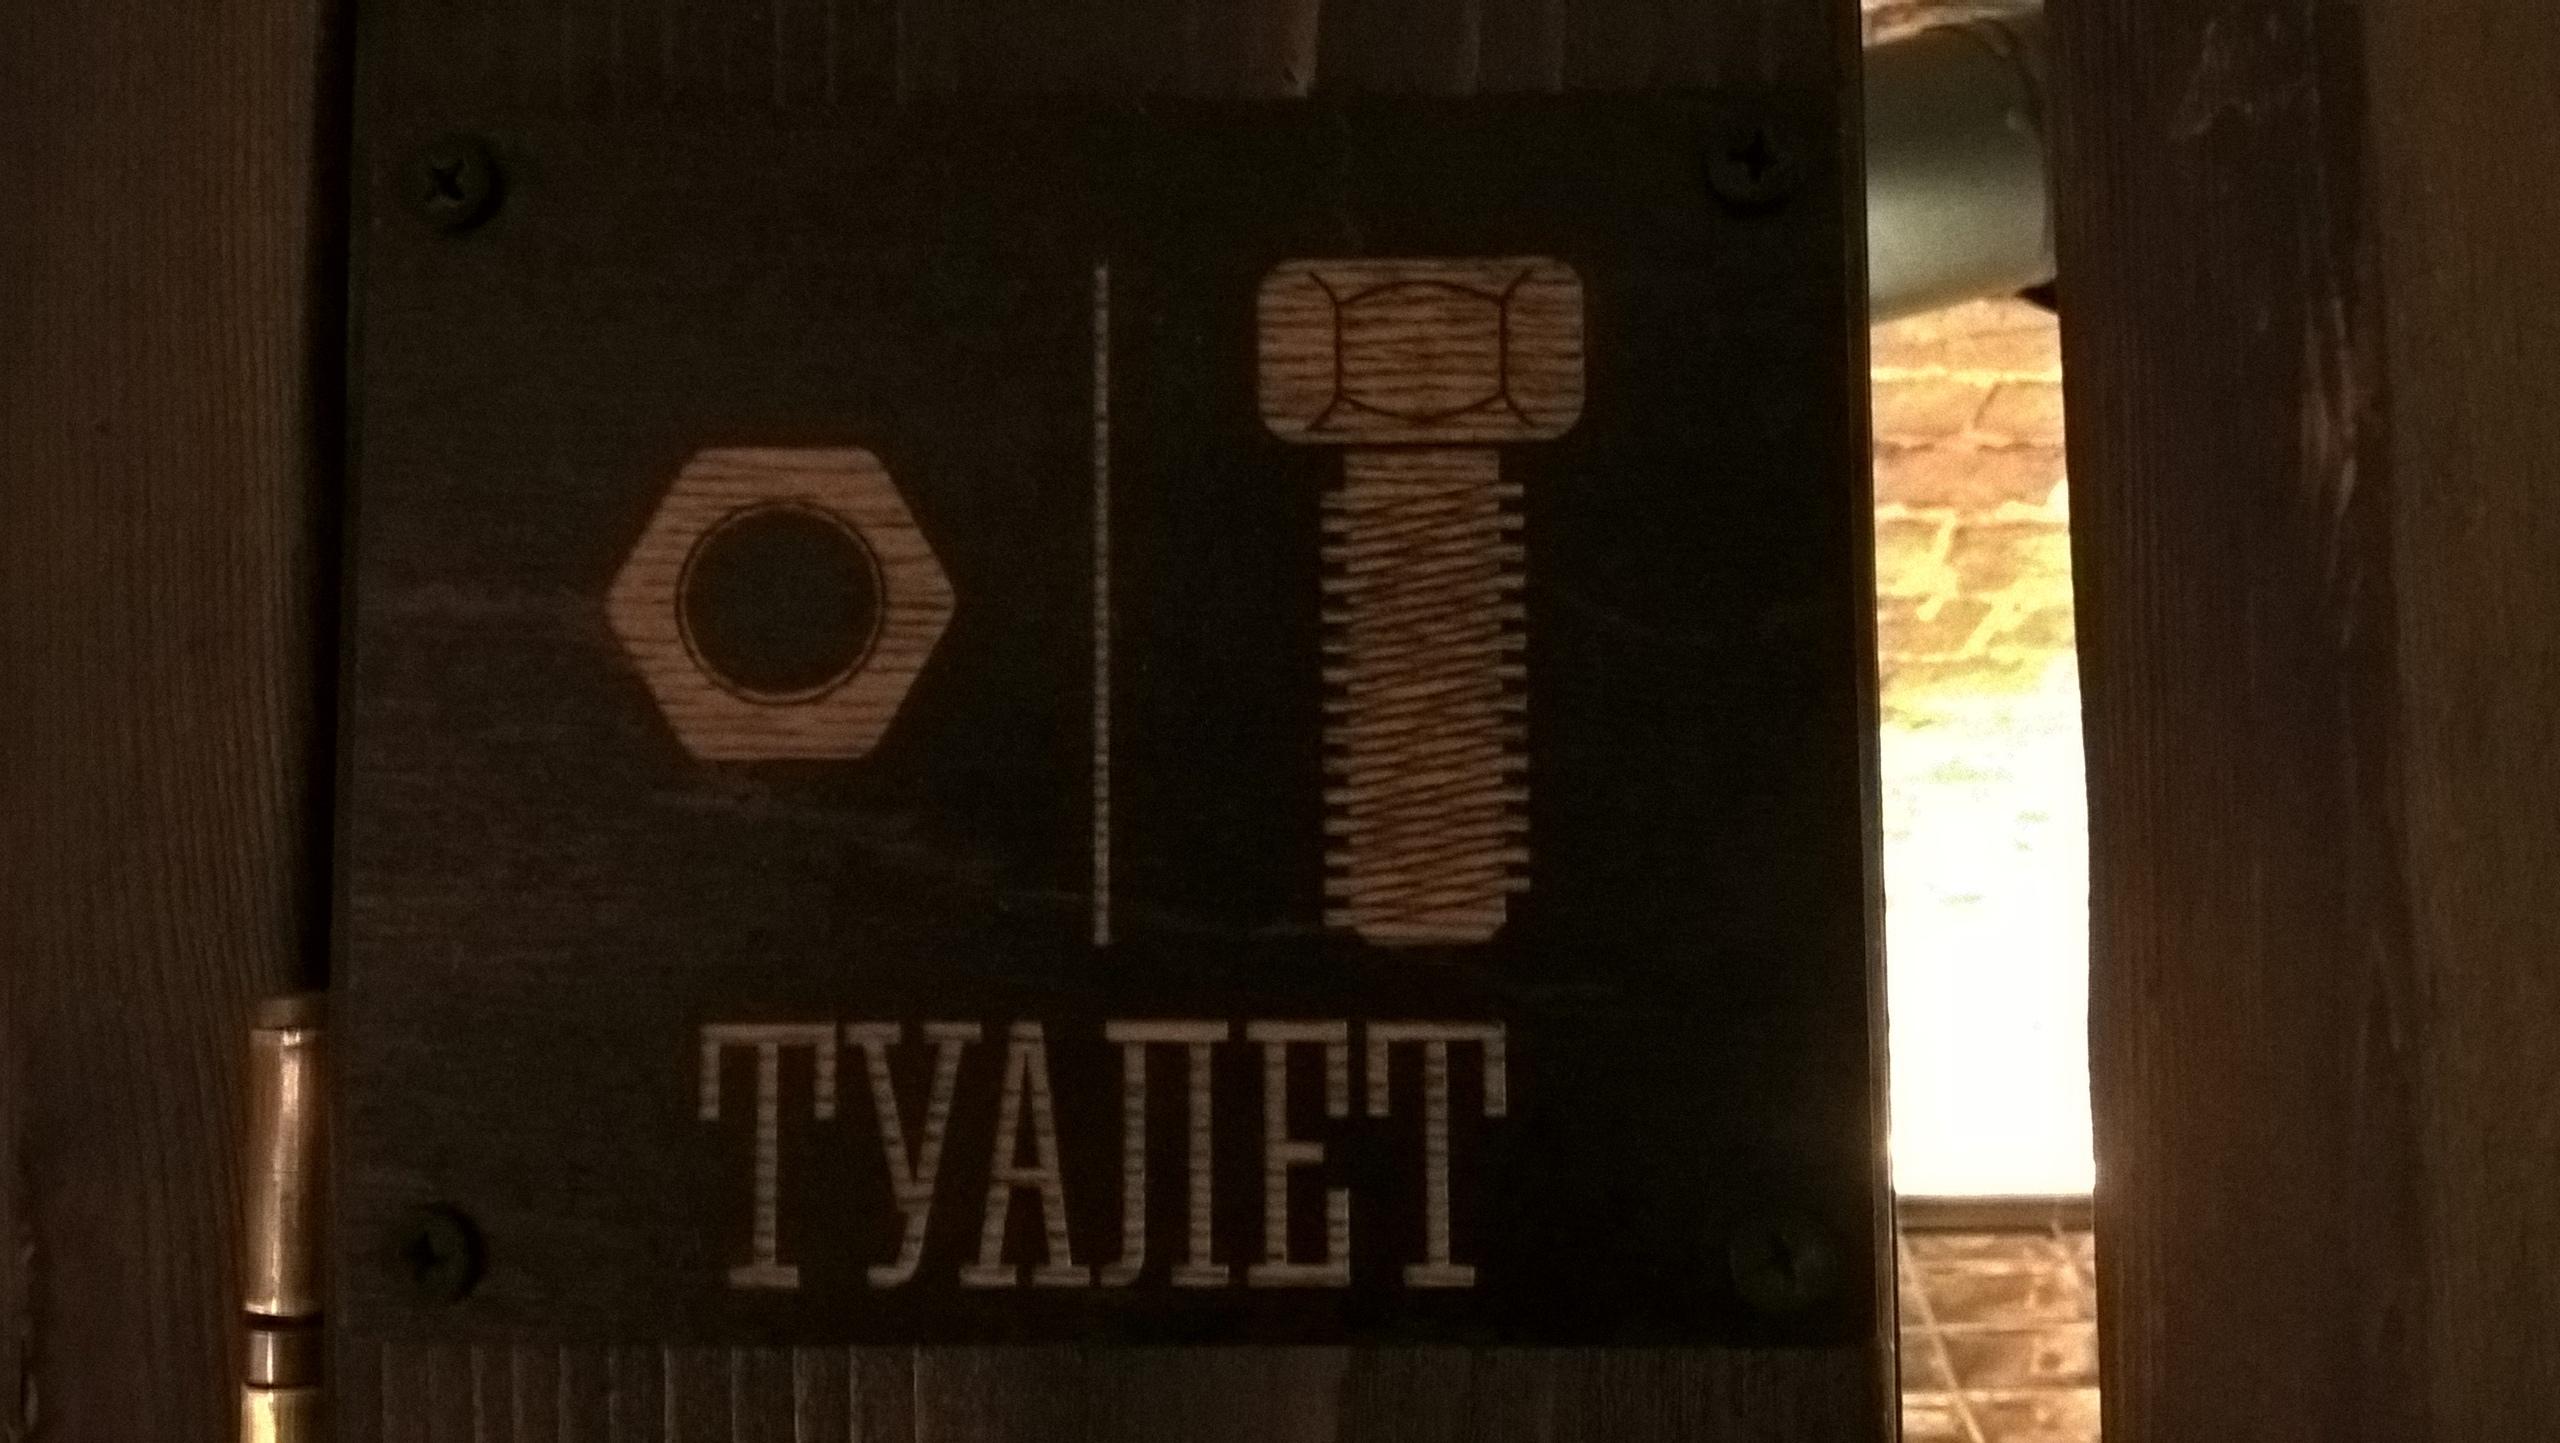 опознавательные знаки помогут посетителям выбрать правильное направление в туалете